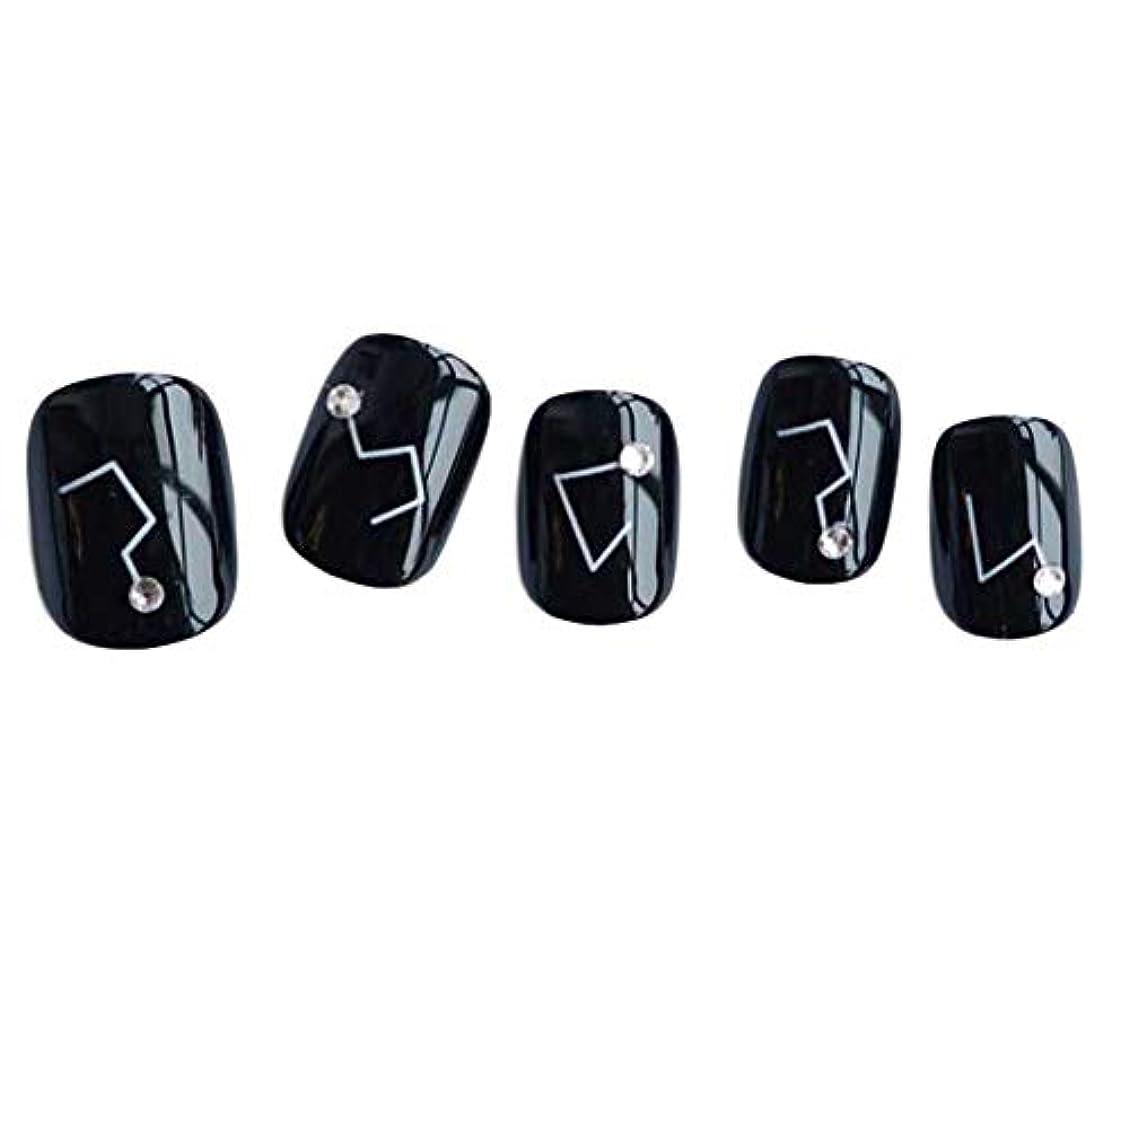 ピアノを弾くクラシカル在庫星座 - 黒い短い偽の指爪人工爪の装飾の爪のヒント